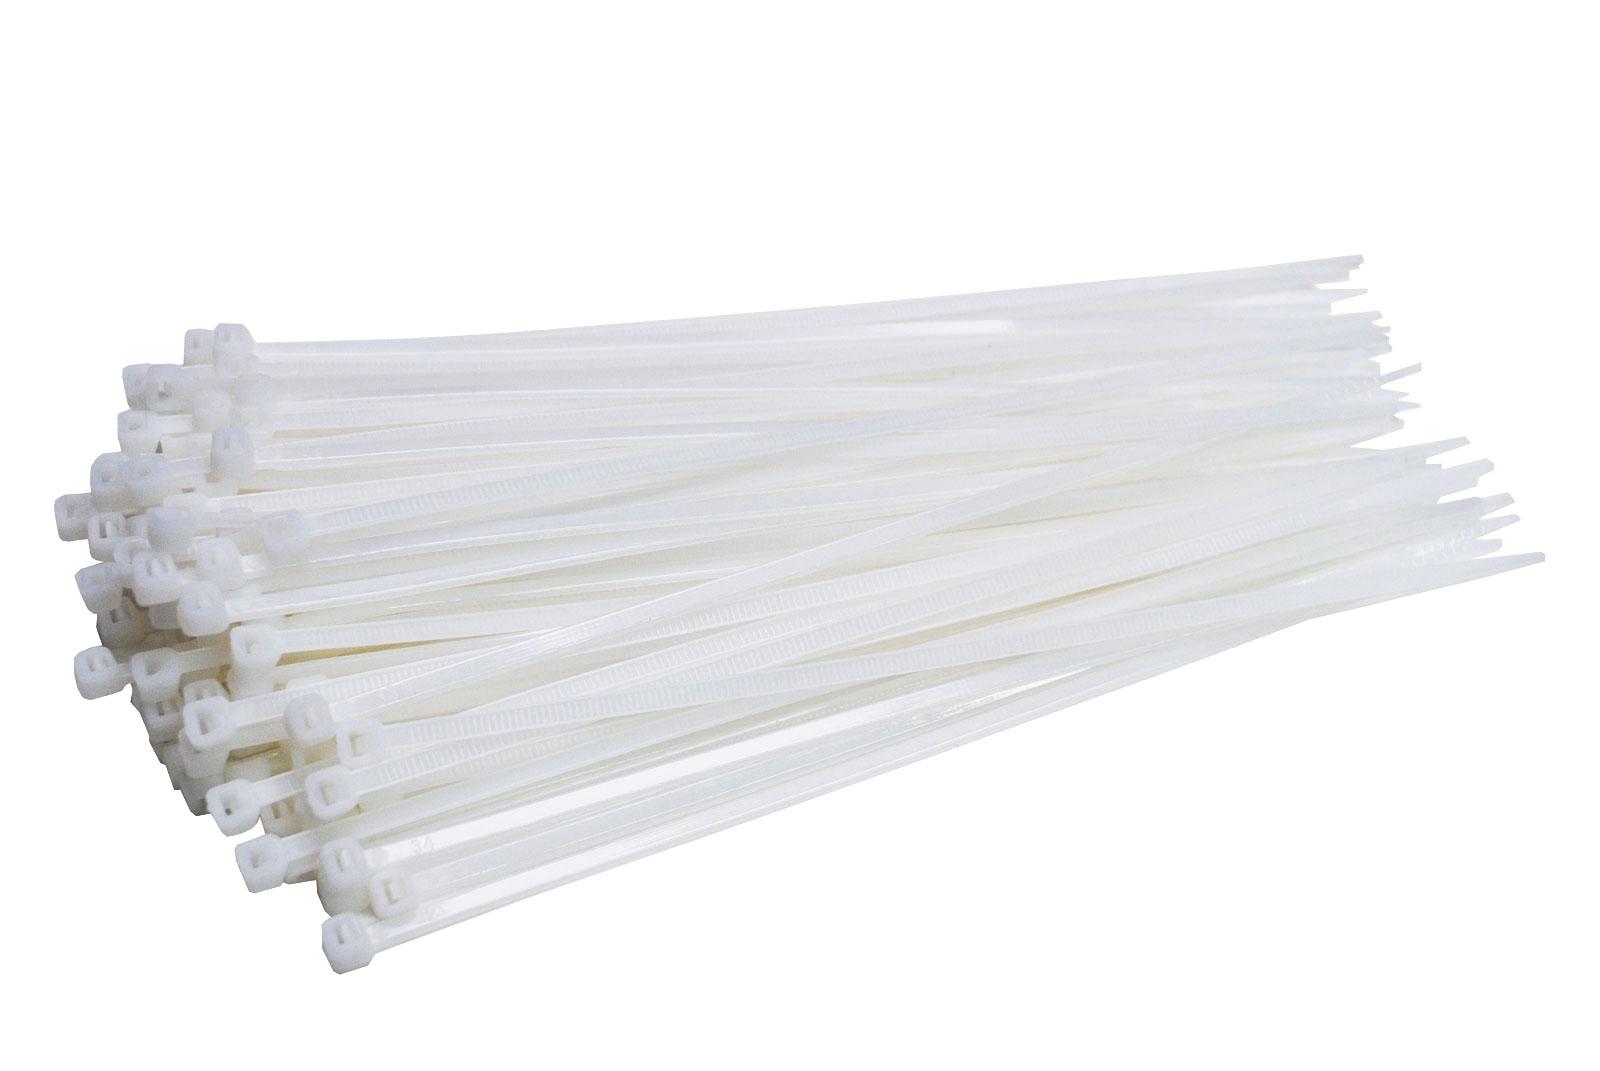 Kabelbinder UV Nylon Polyamid 6.6 Industriequalität schwarz 100 mm x 2,5 mm